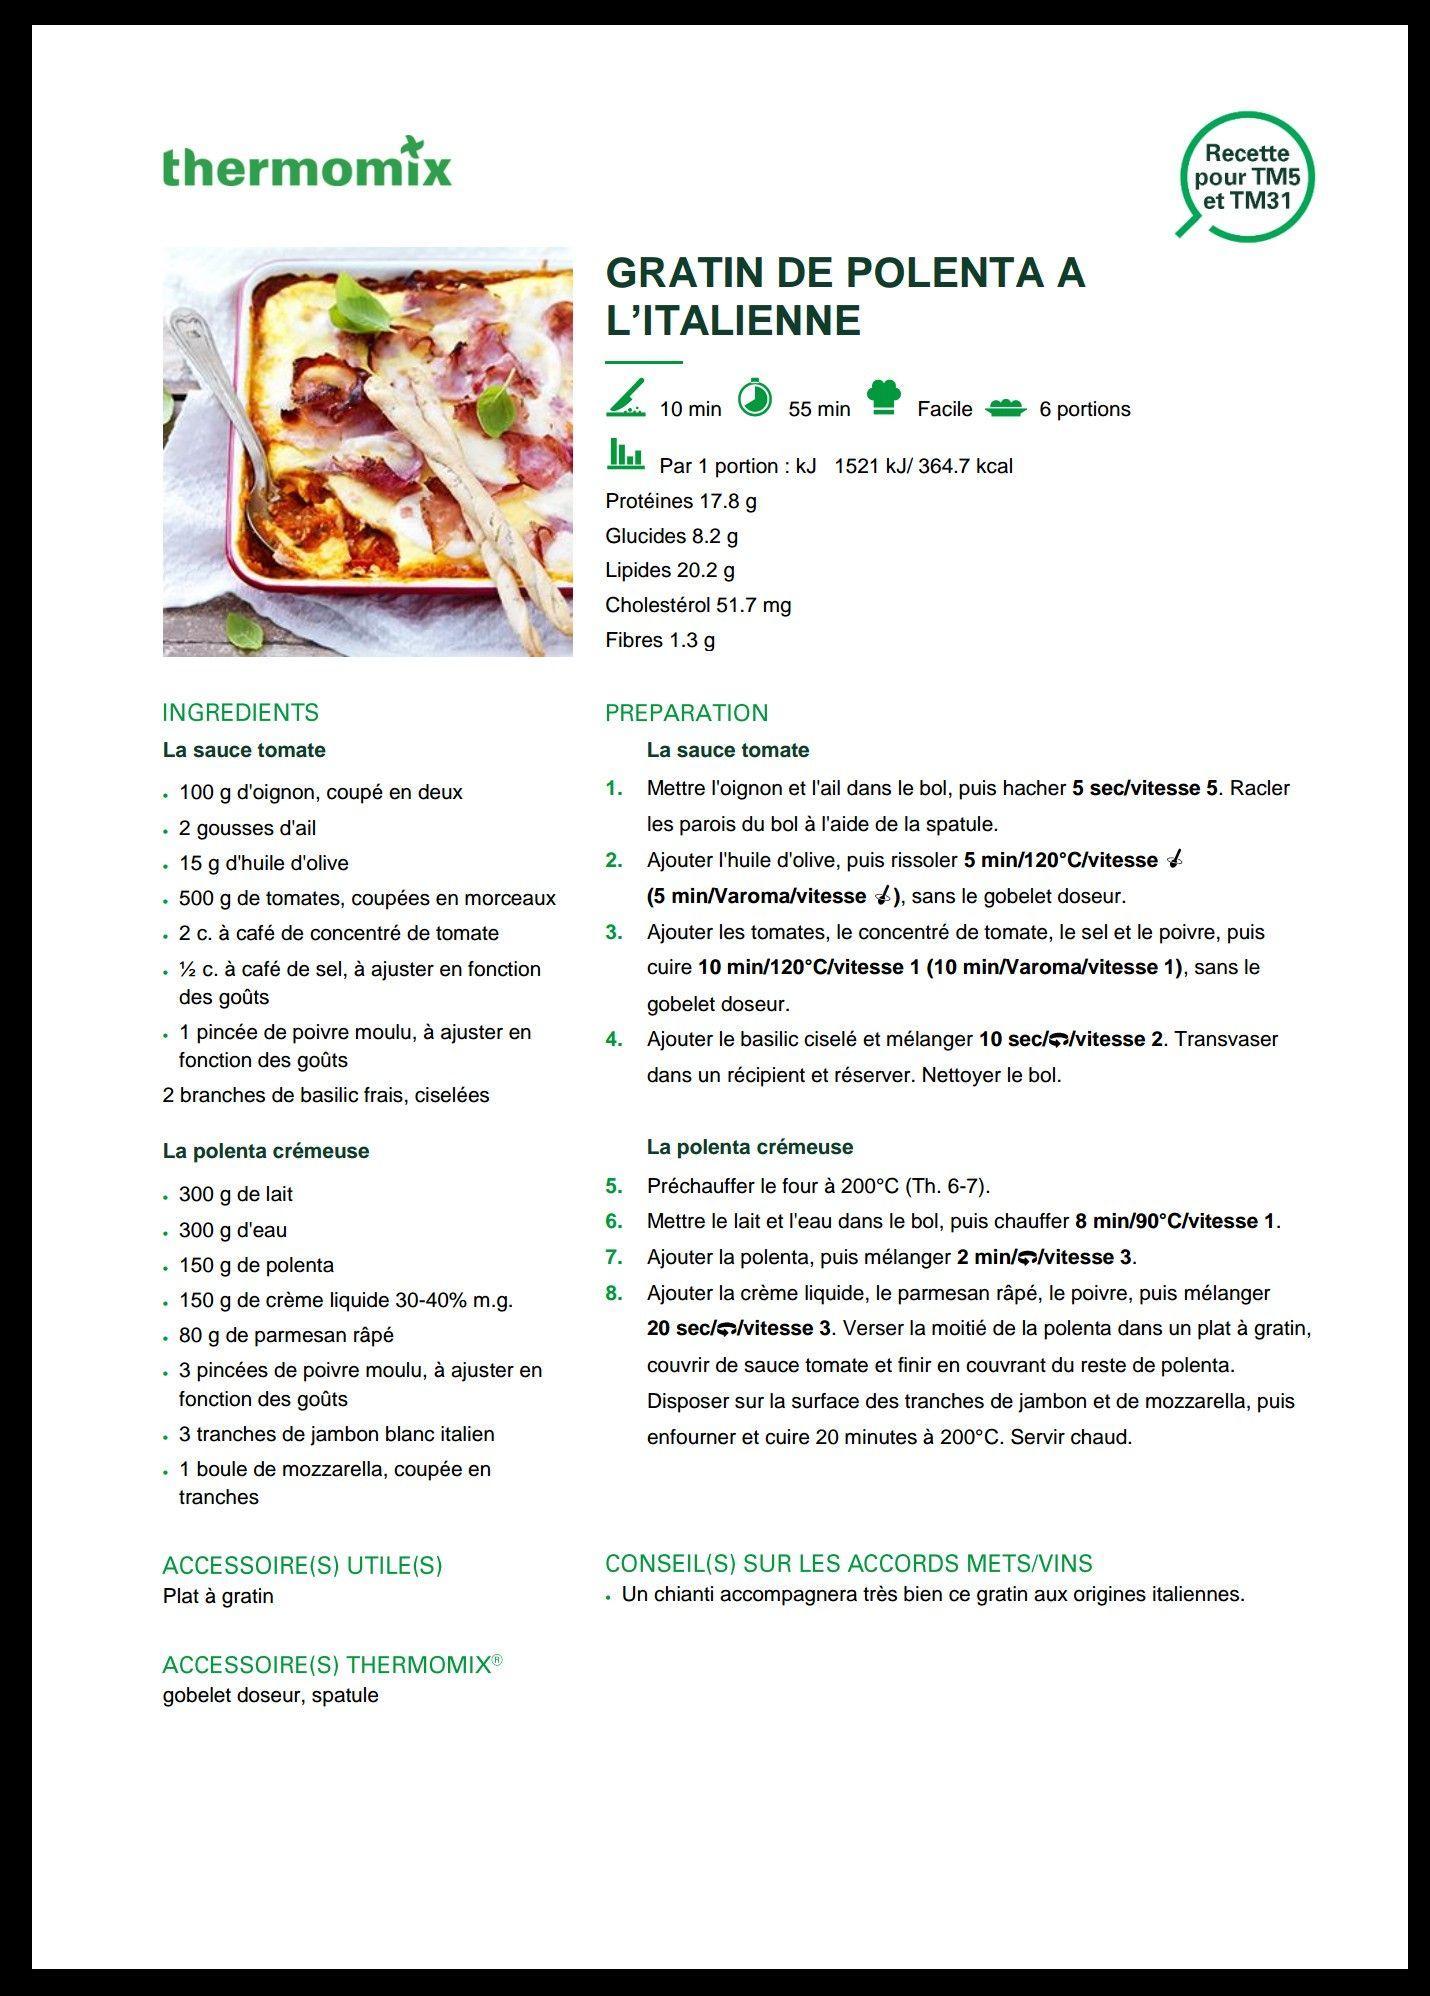 Gratin De Polenta A L Italienne Gratin De Polenta Thermomix Recette Recette